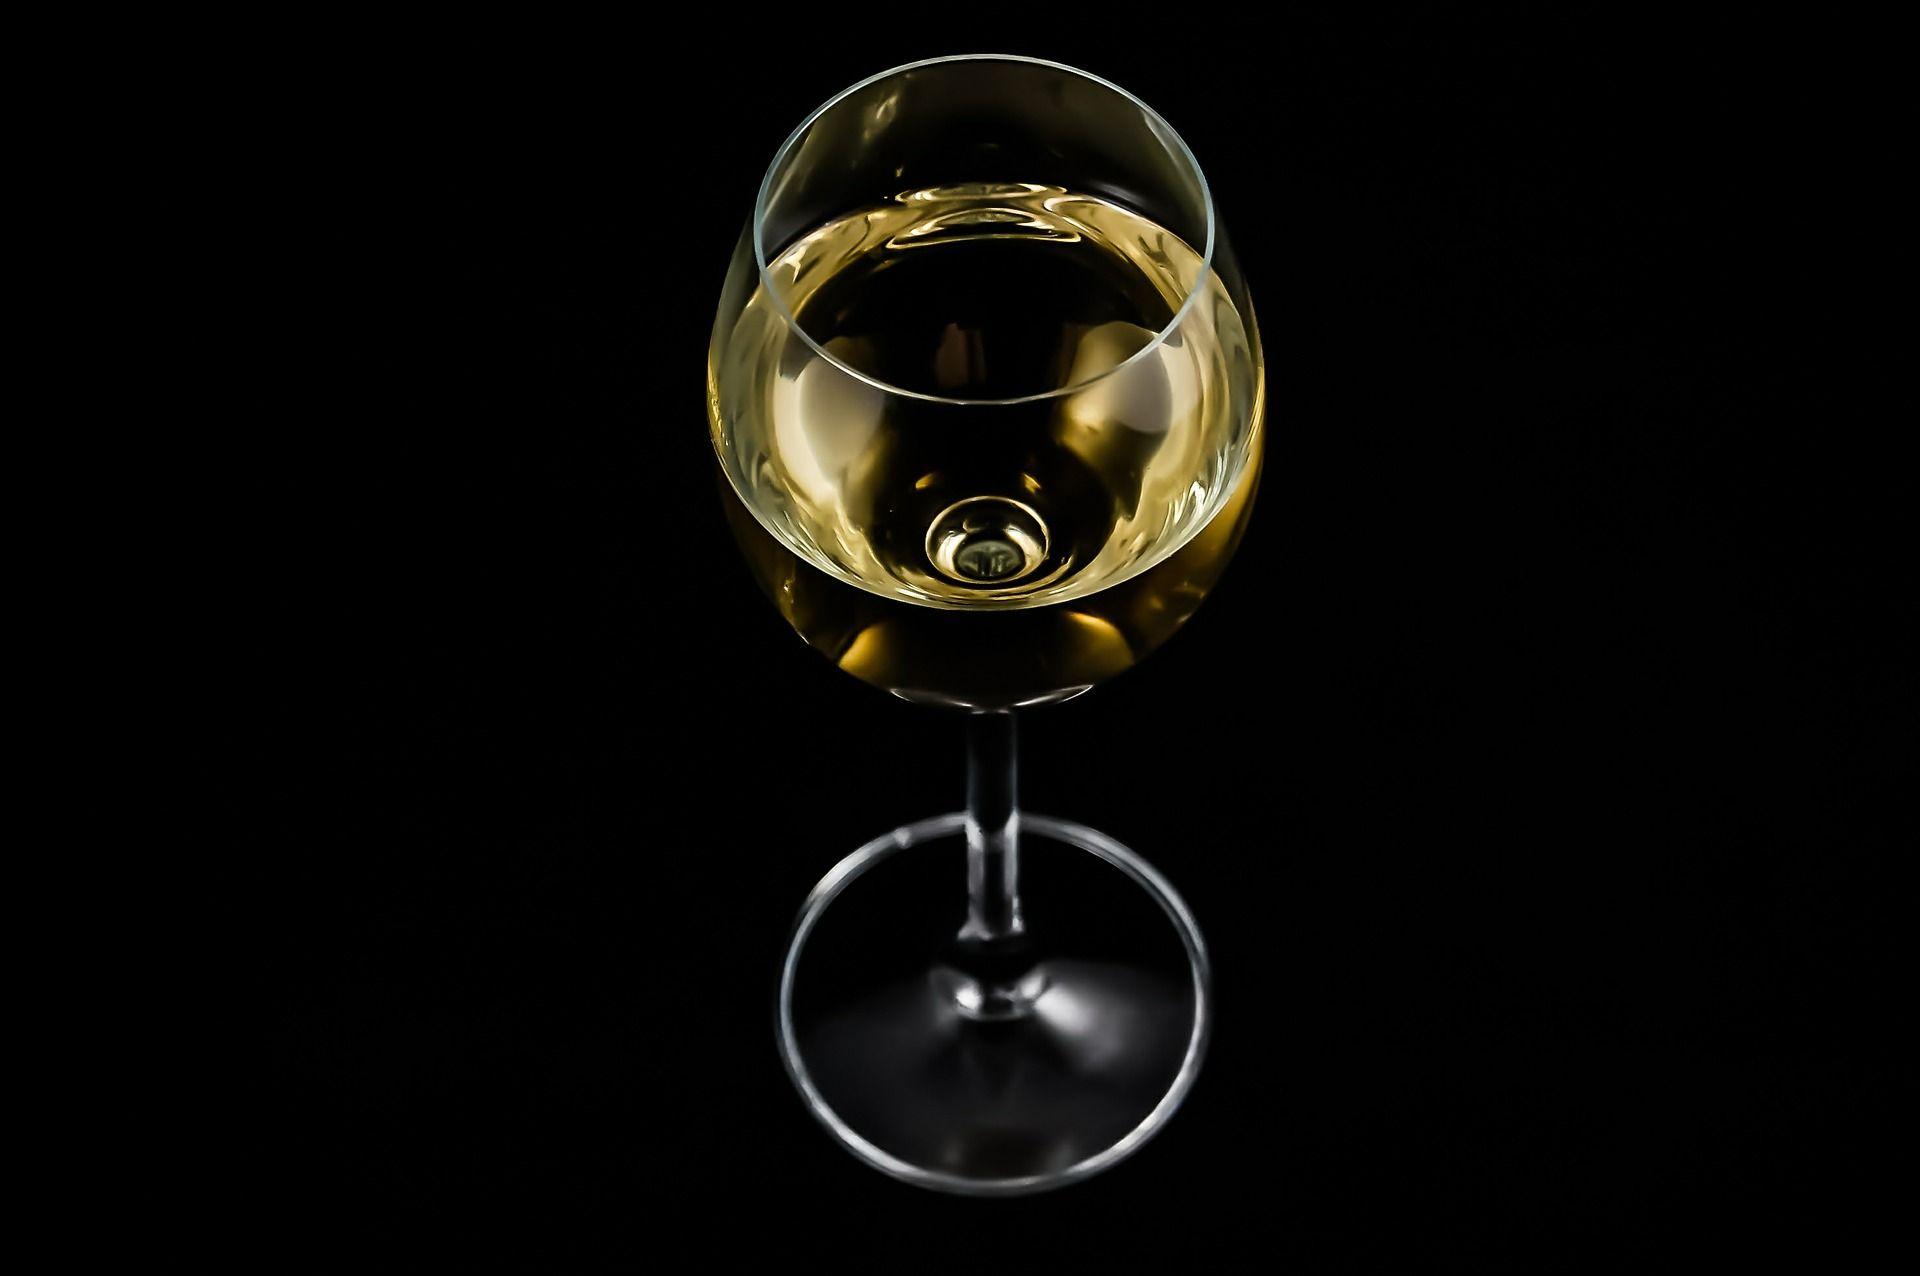 the blanc quand le boire